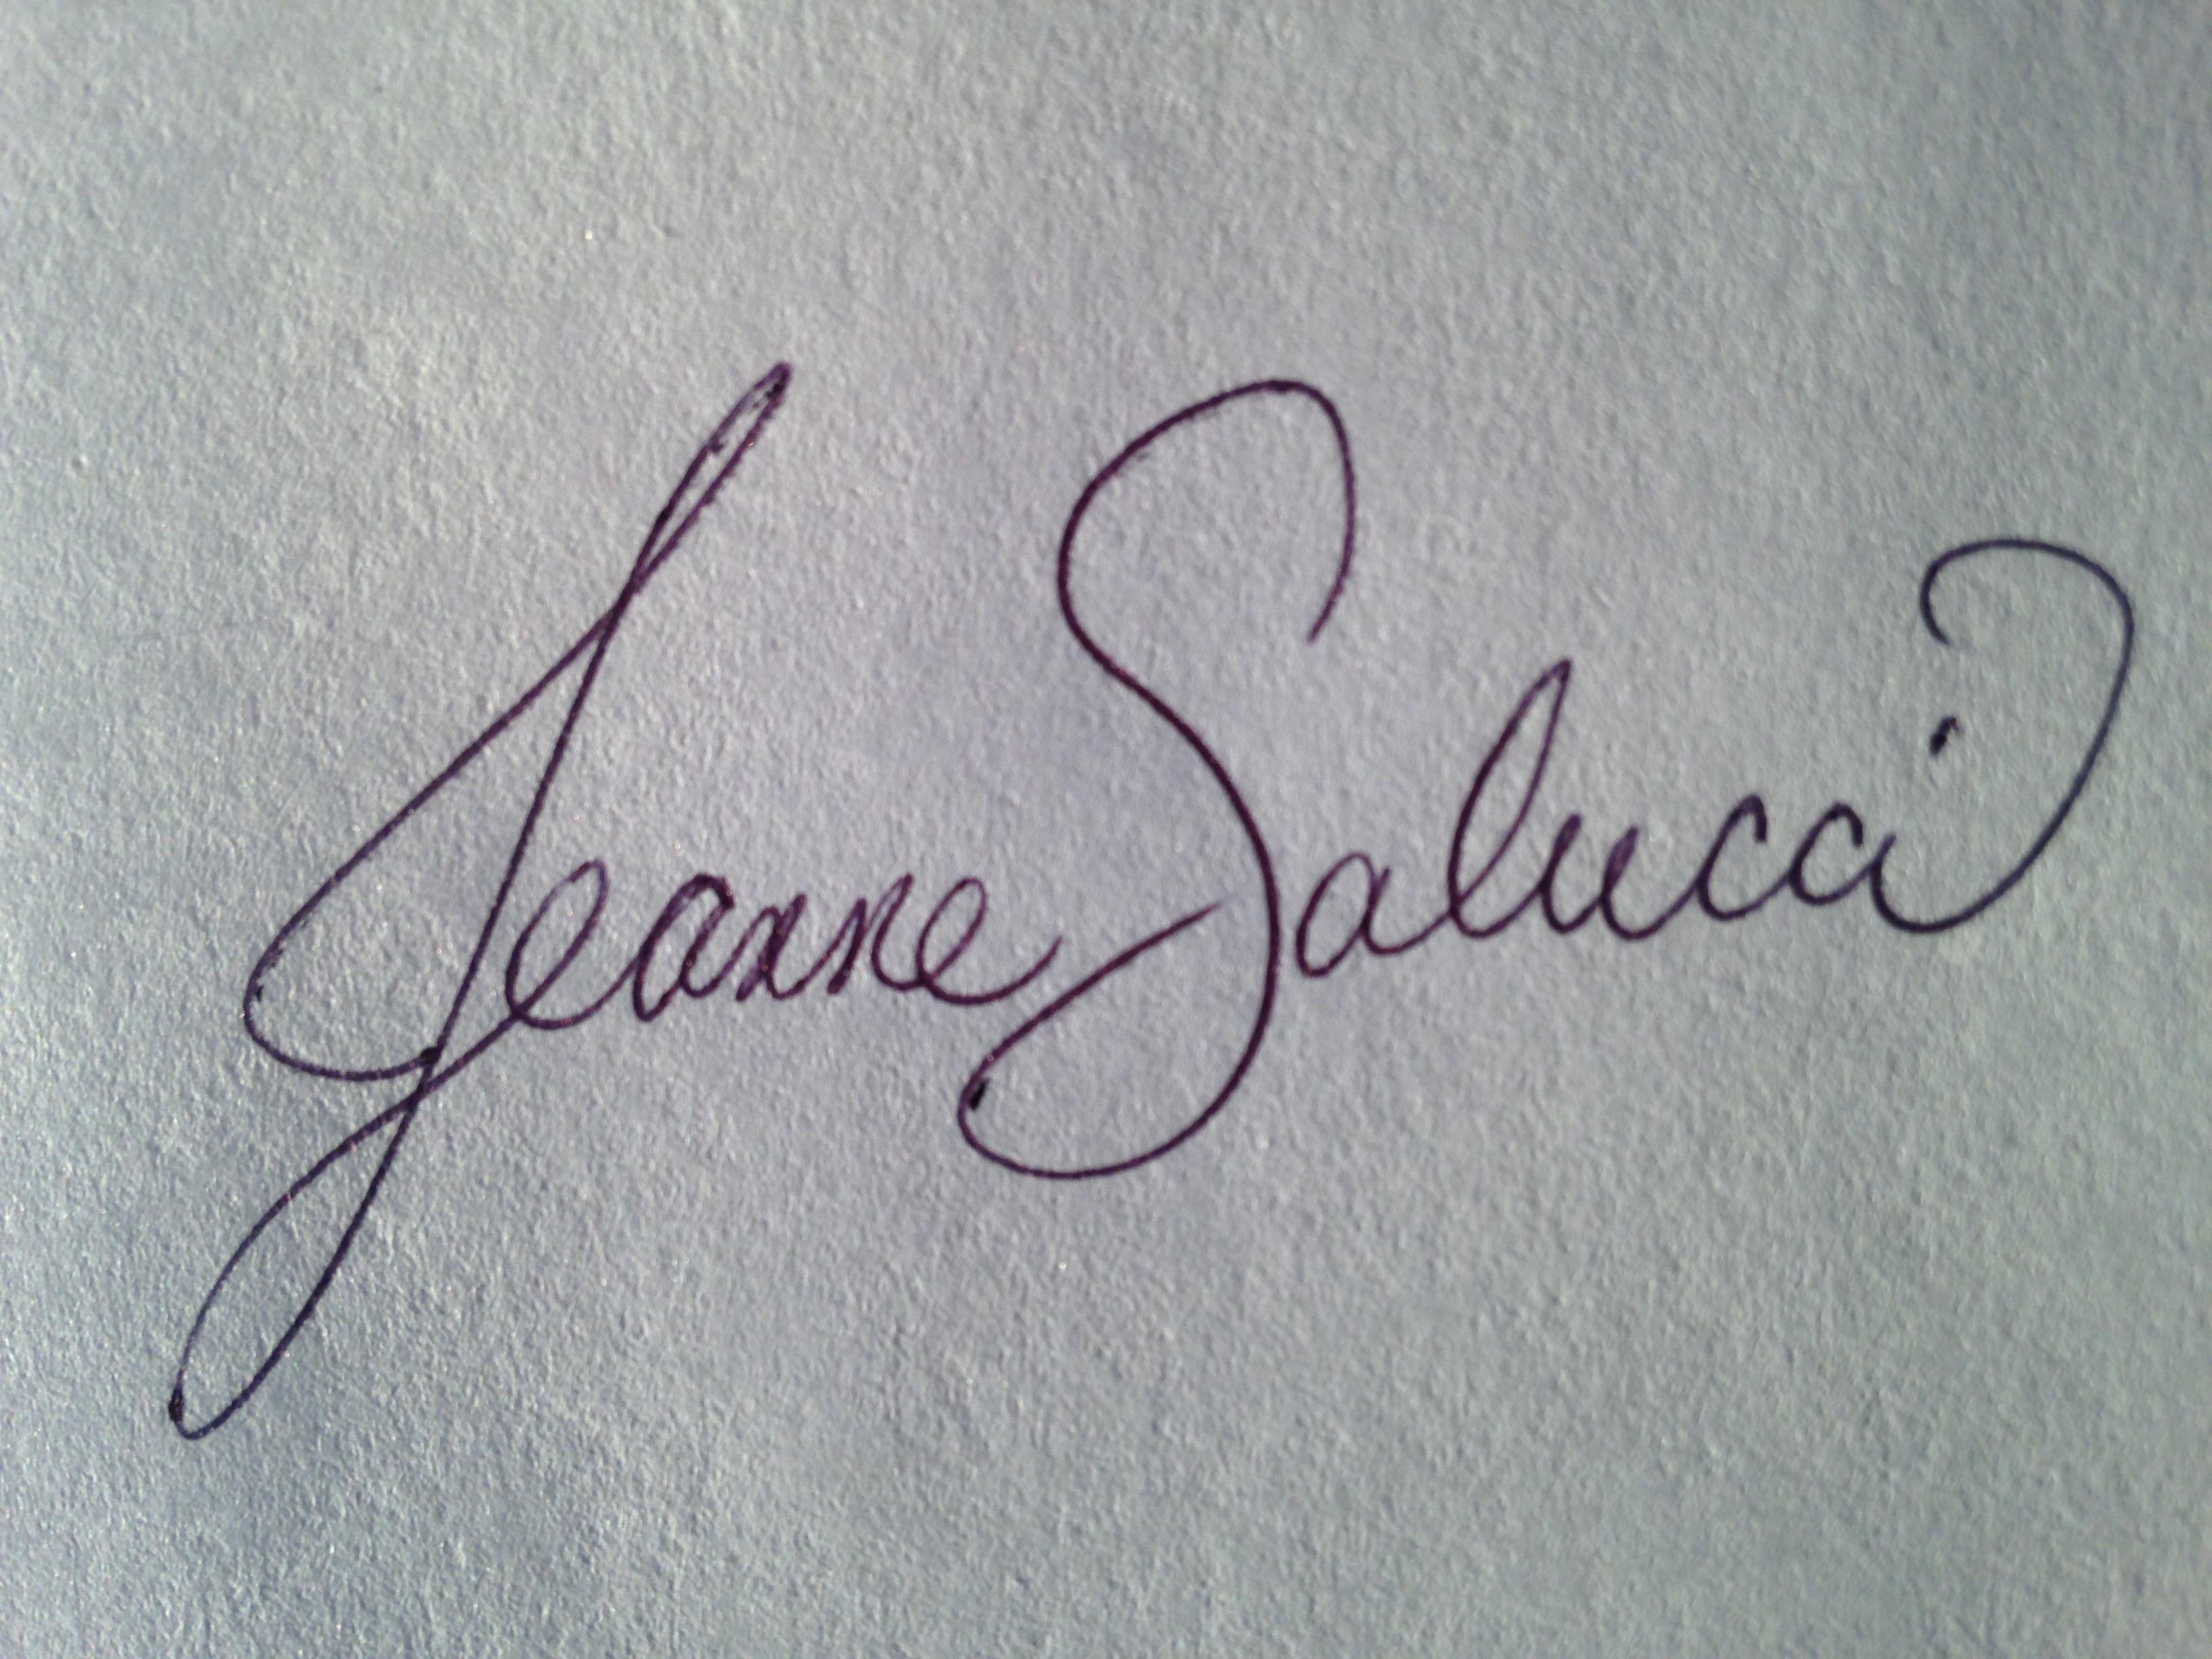 Jeanne Salucci Signature